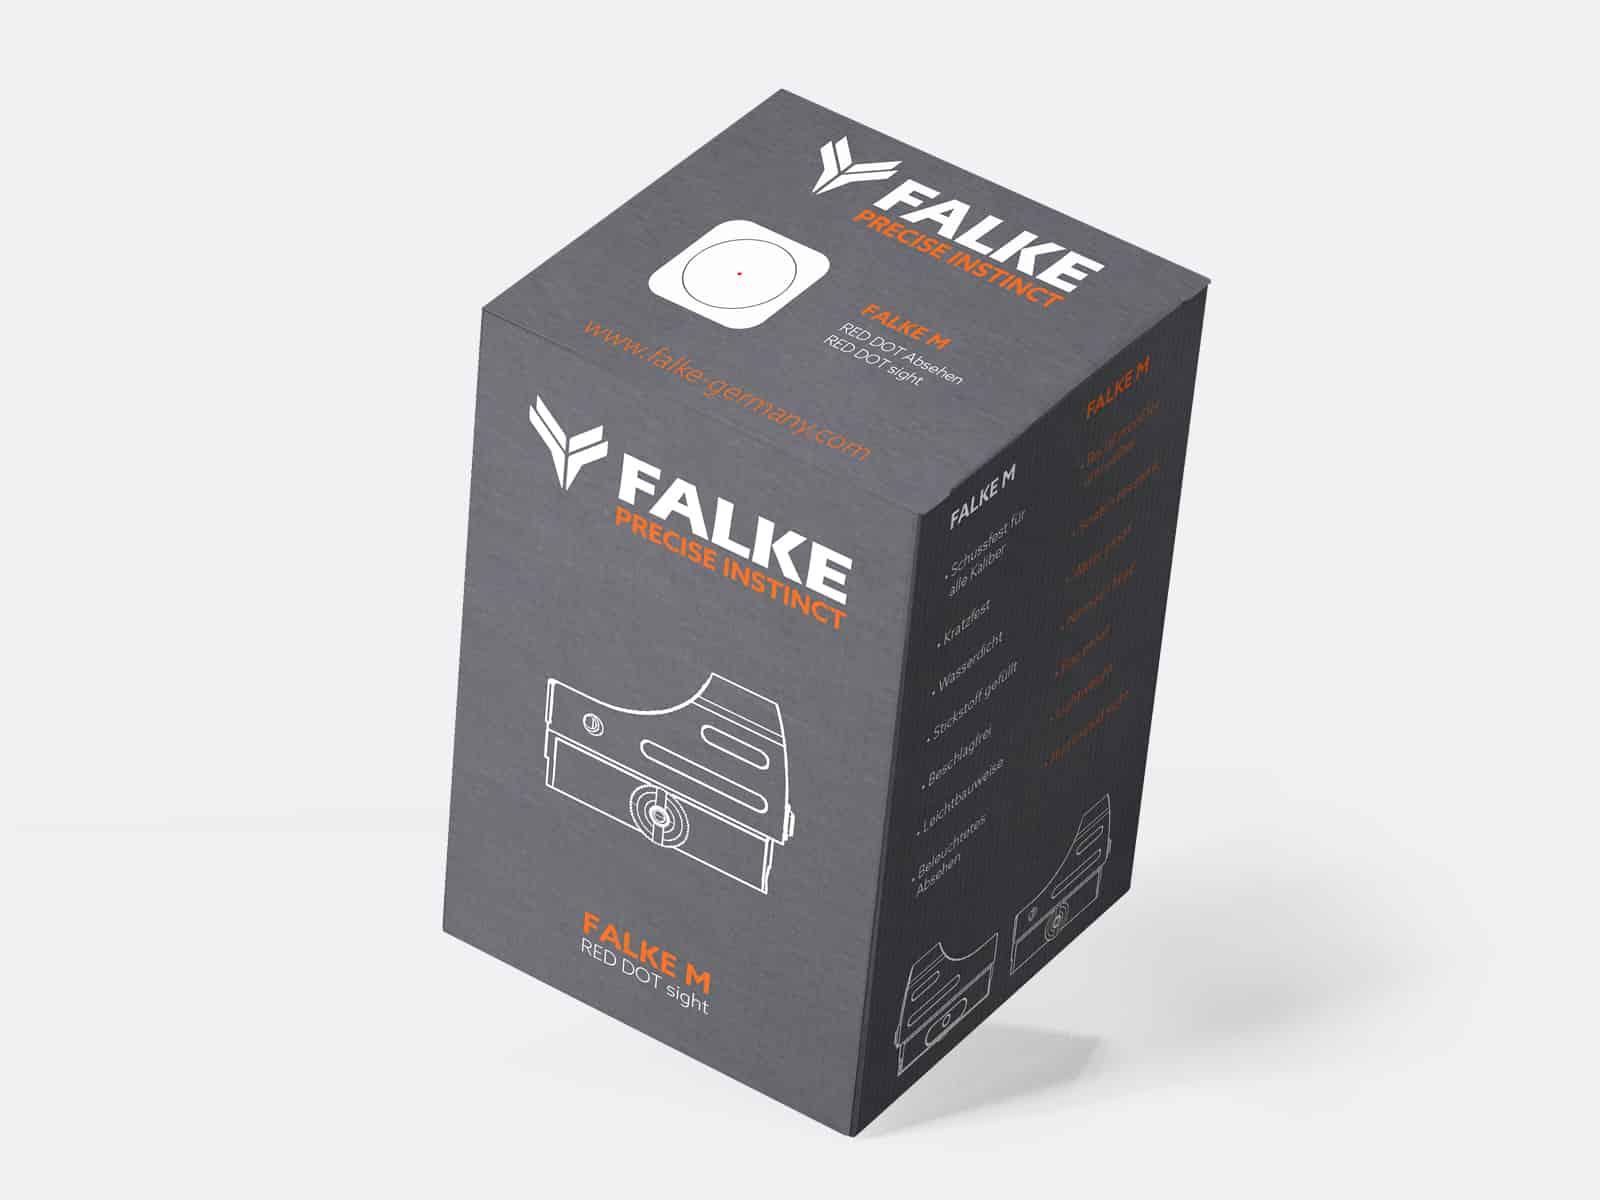 Waffen-Schumacher_FALKE_Produkt-Verpackung_02